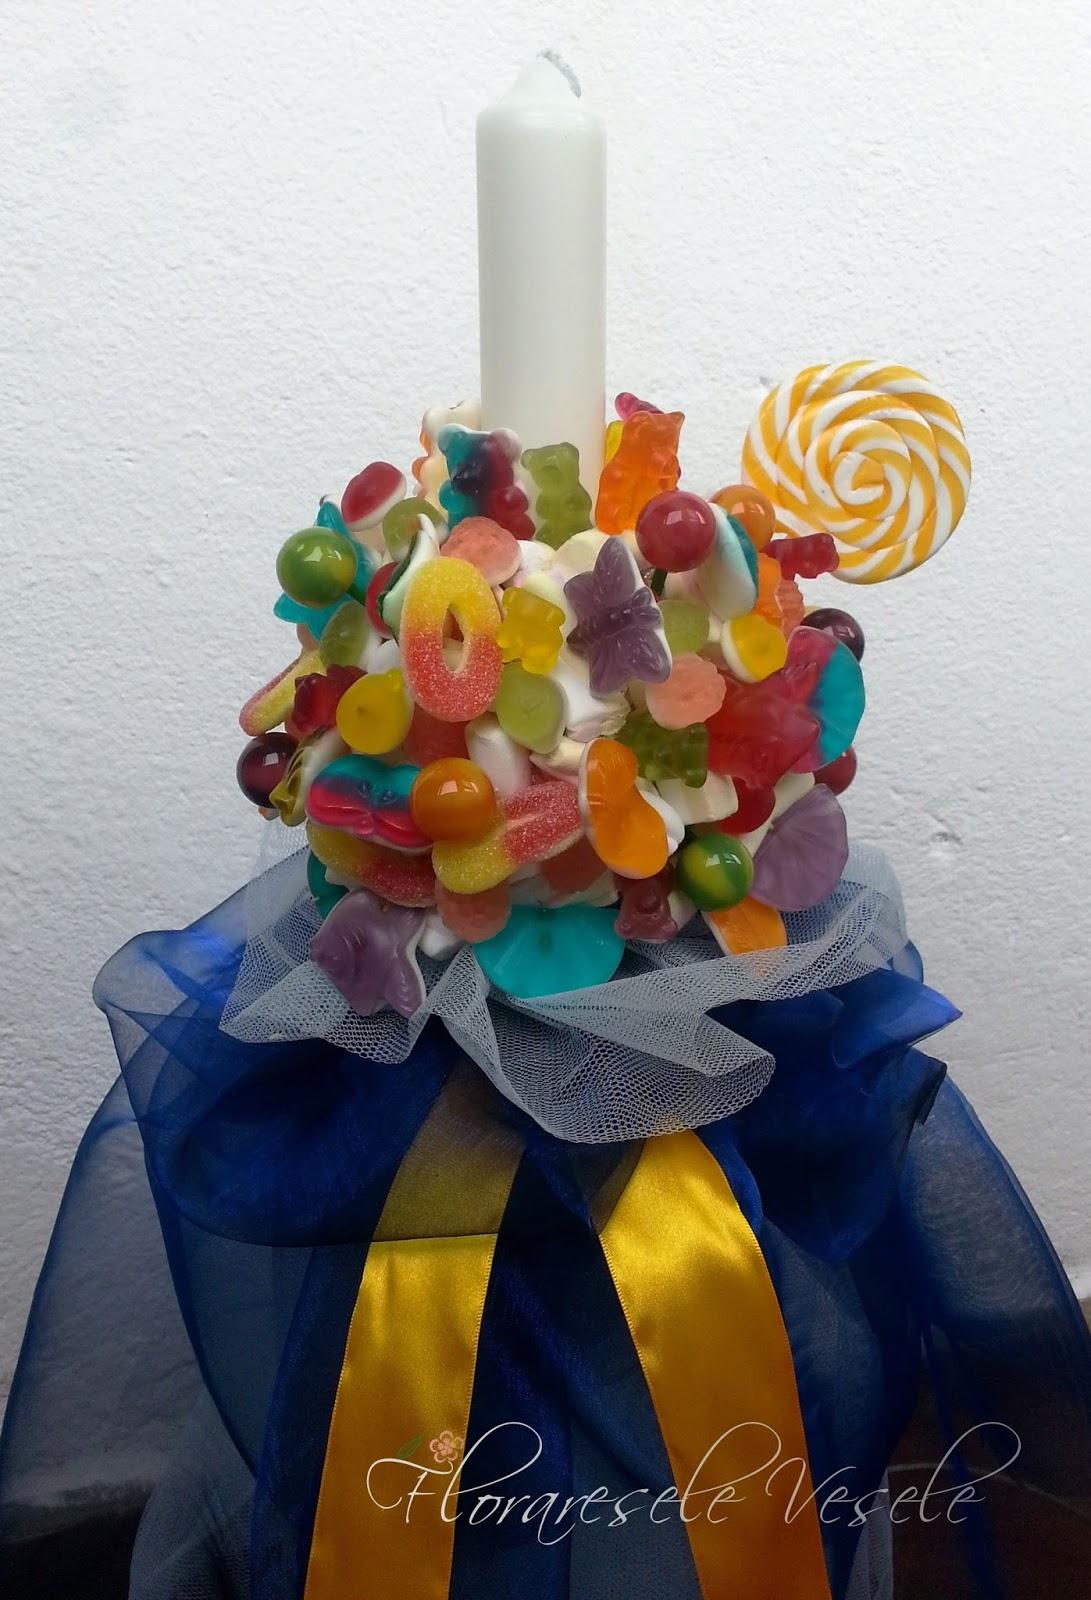 Floraresele Vesele Lumanare De Botez Lollipop Cu Jeleuri Si Acadele